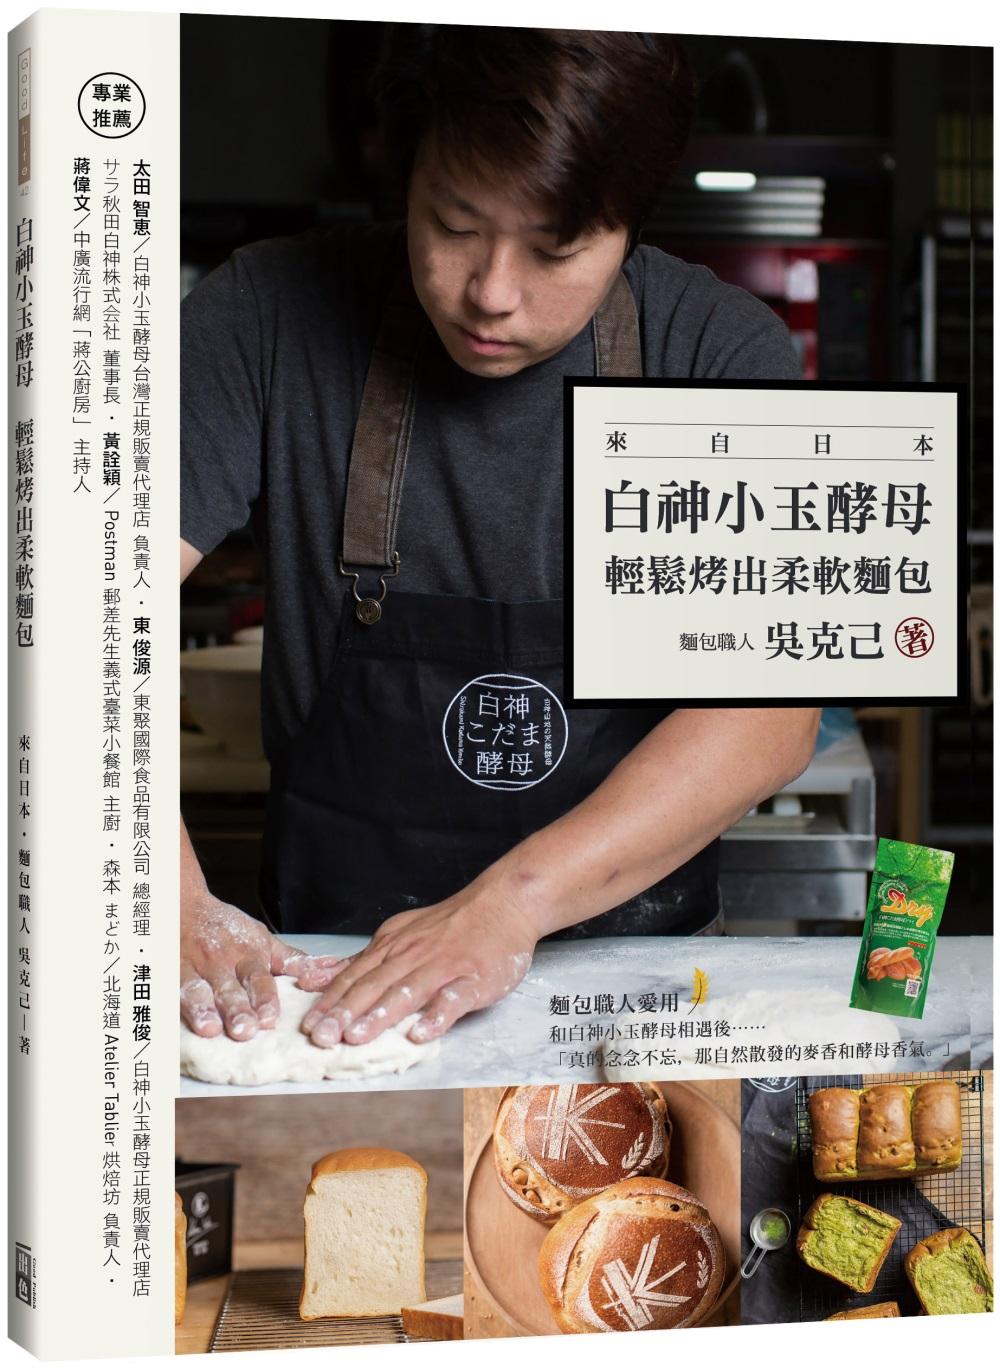 白神小玉酵母 輕鬆烤出柔軟麵包